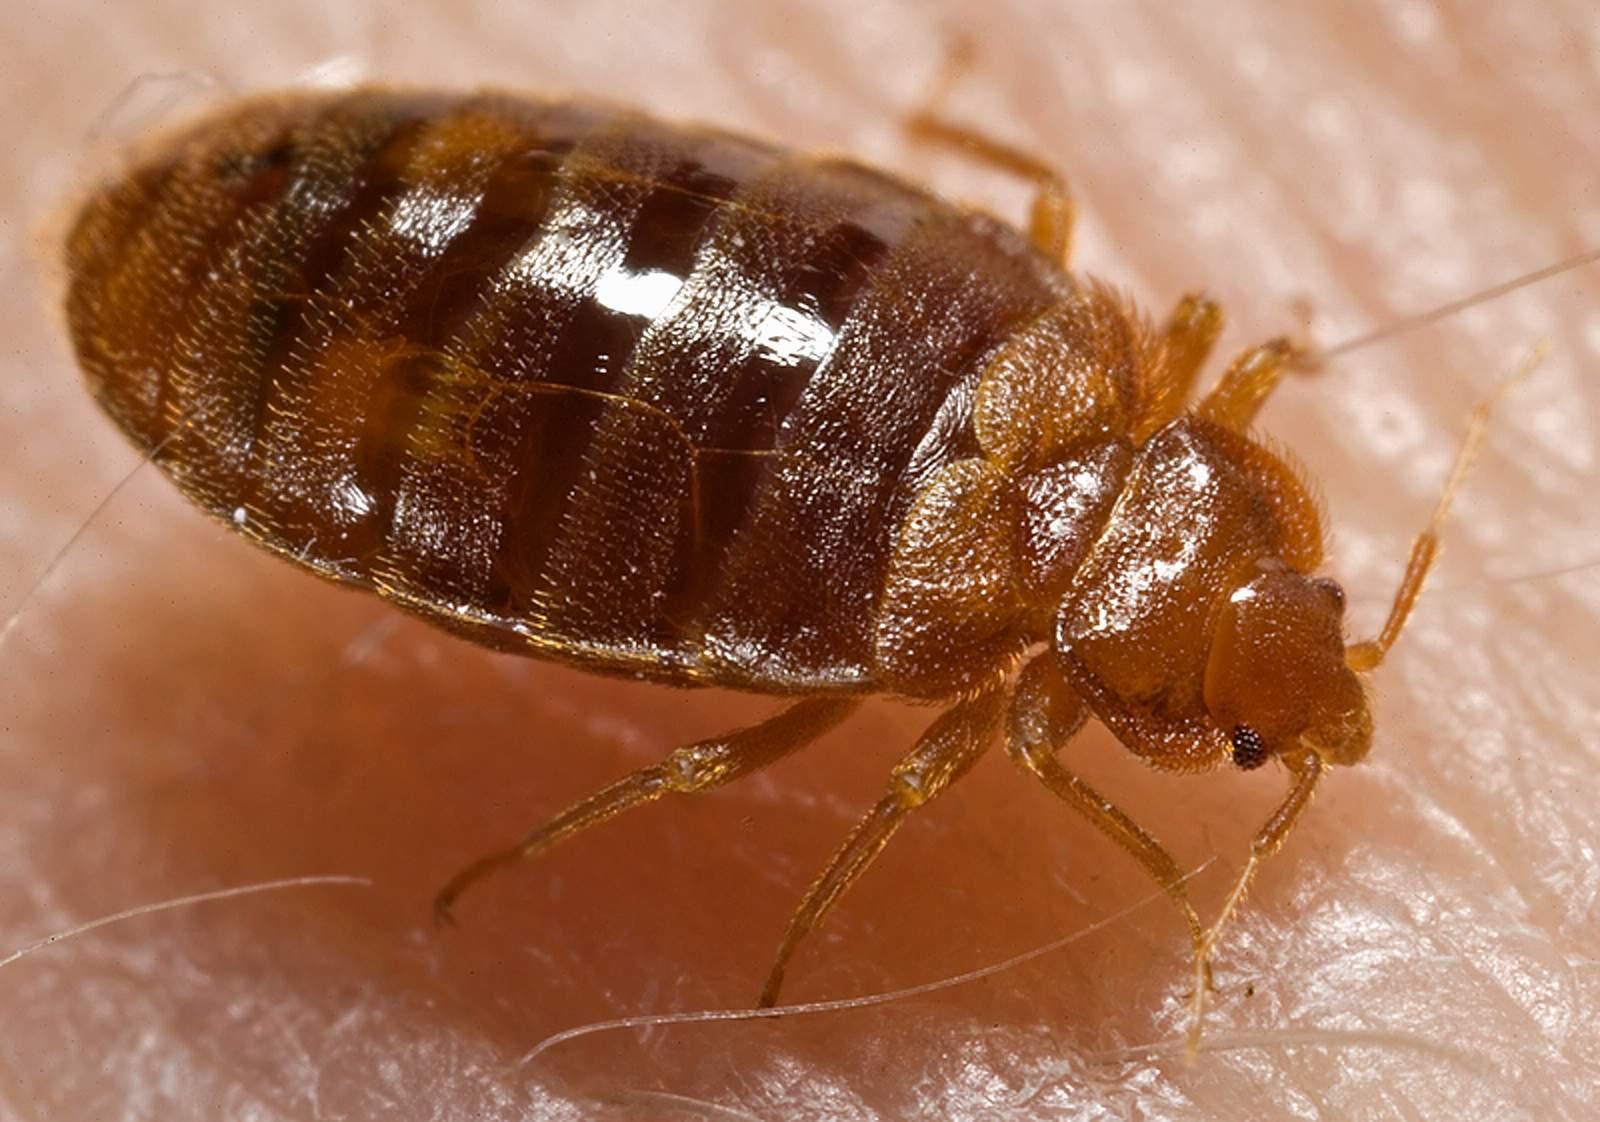 Bedbugs!